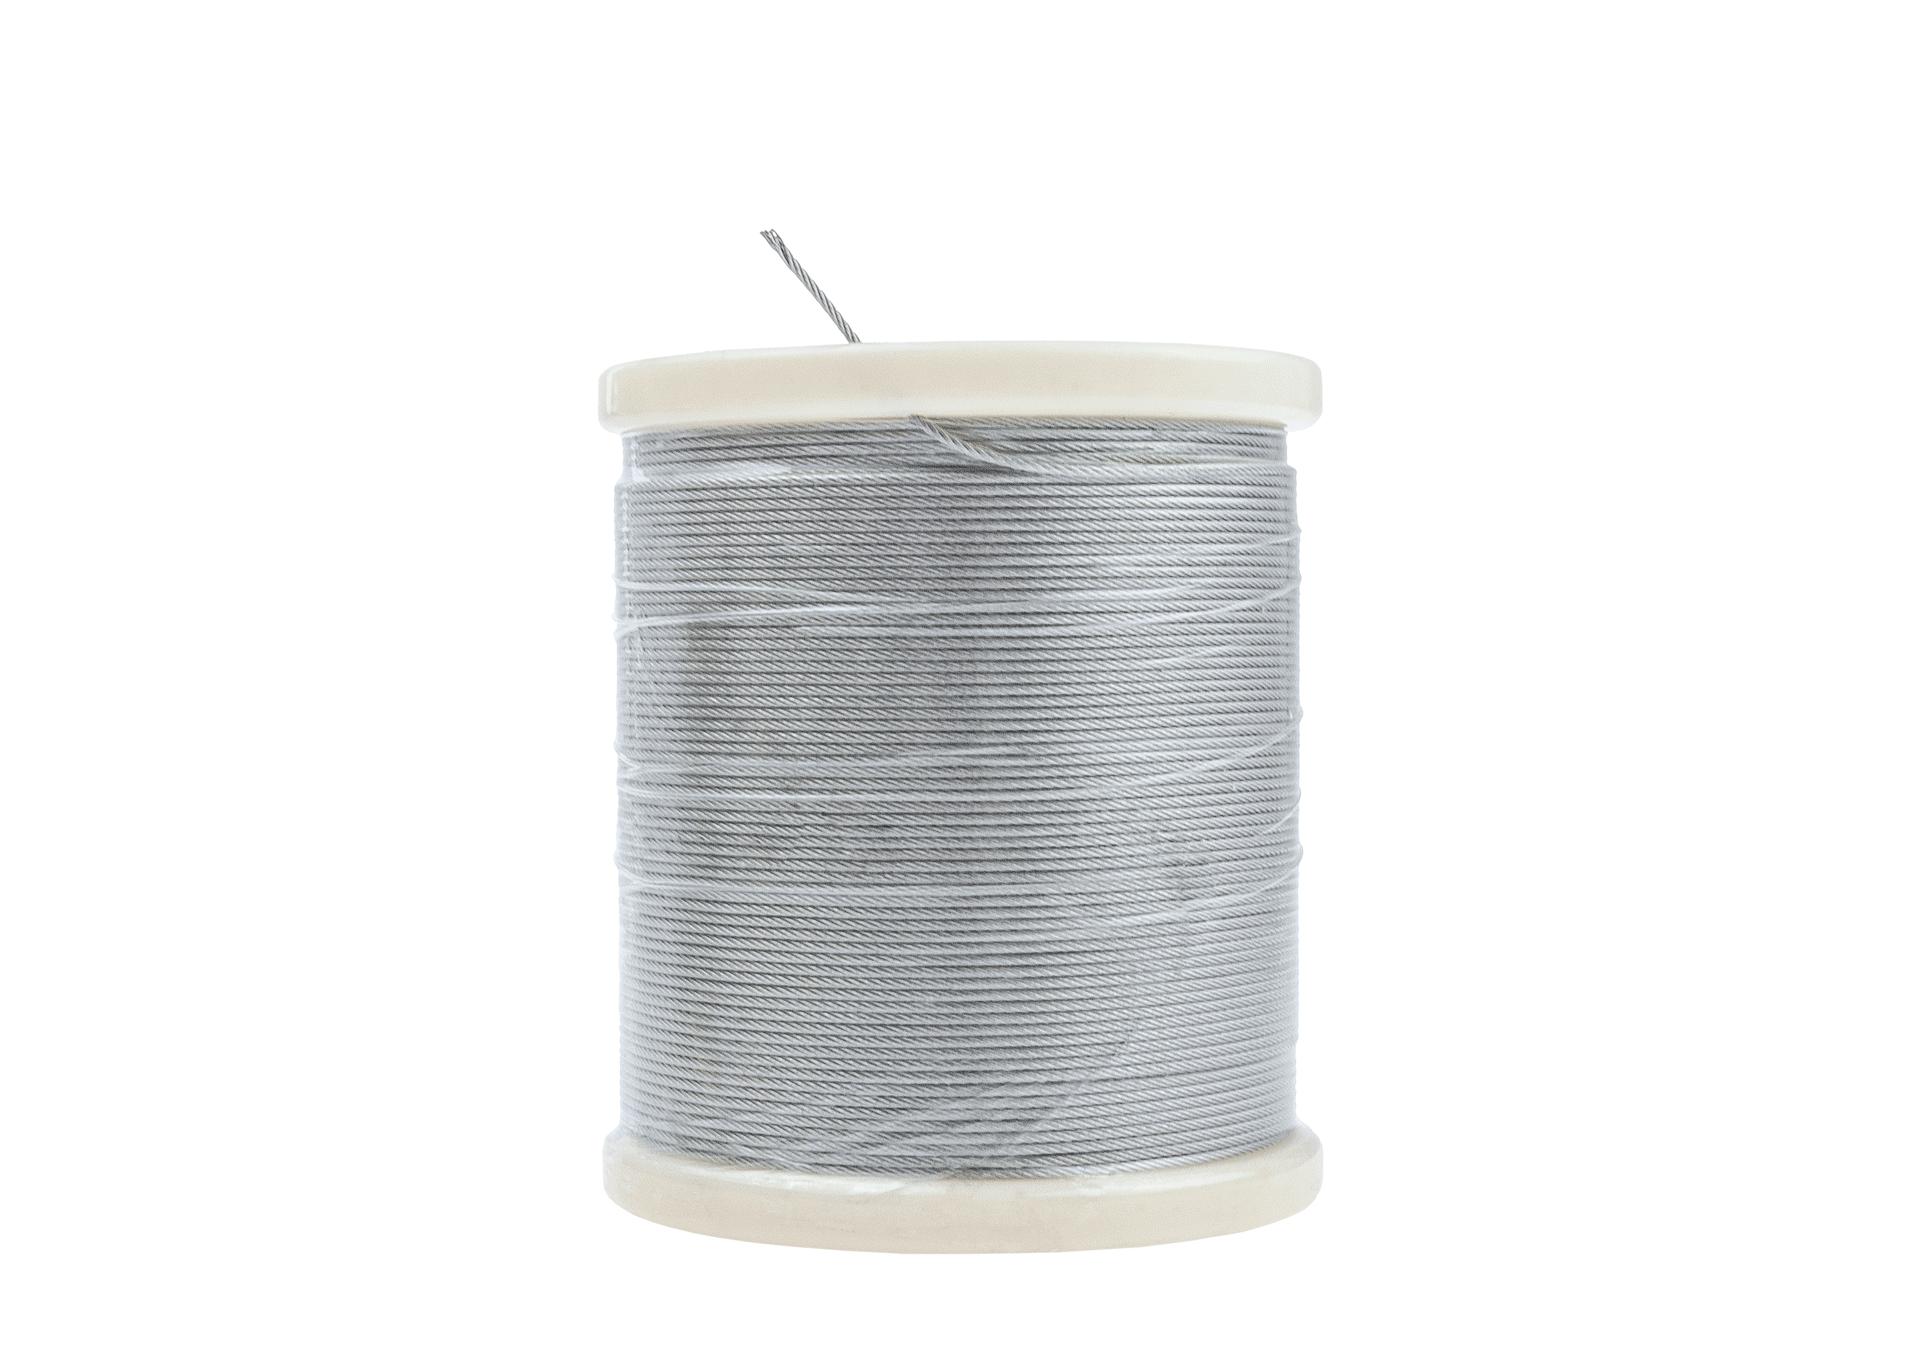 Edelstahlseil 1.5 mm stark, 7x7 aus 1.4401 Edeltahl Rostfrei auf Kunststoffspule